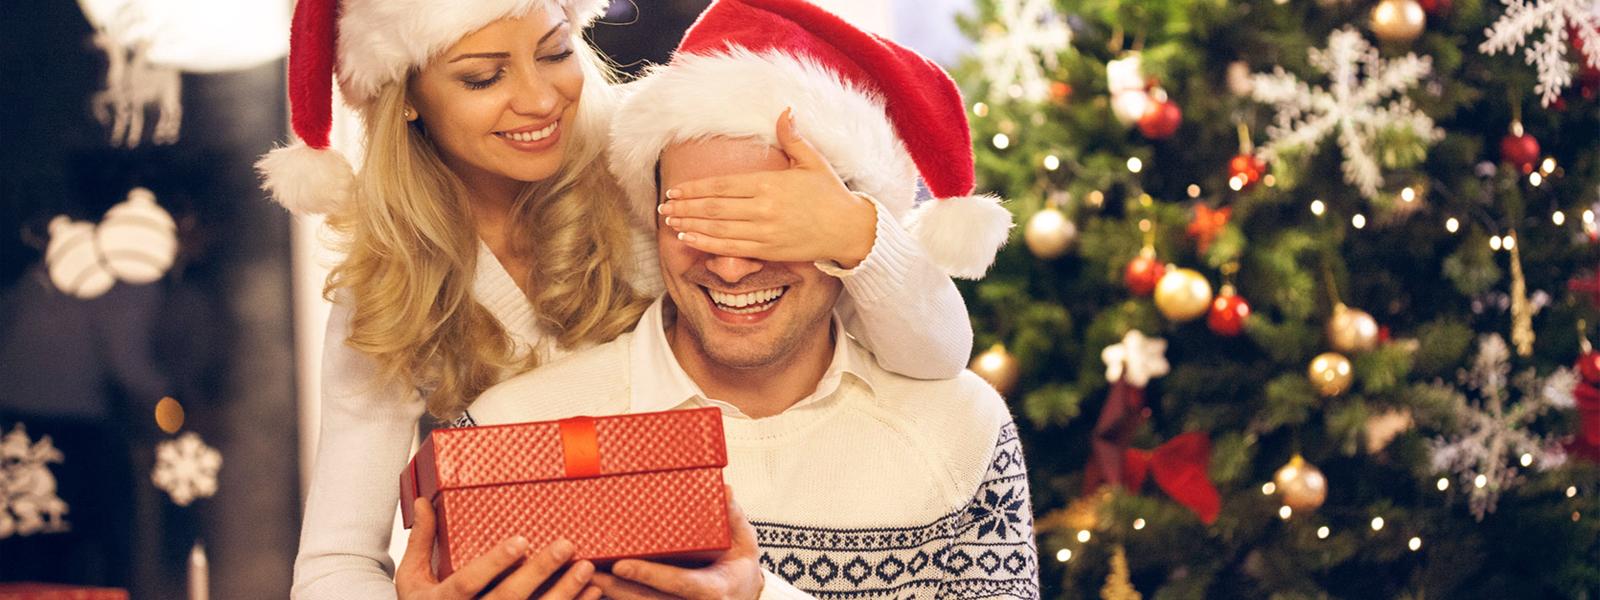 Гид по новогодним подаркам: Peptide Revitalizer и Revitalizer M